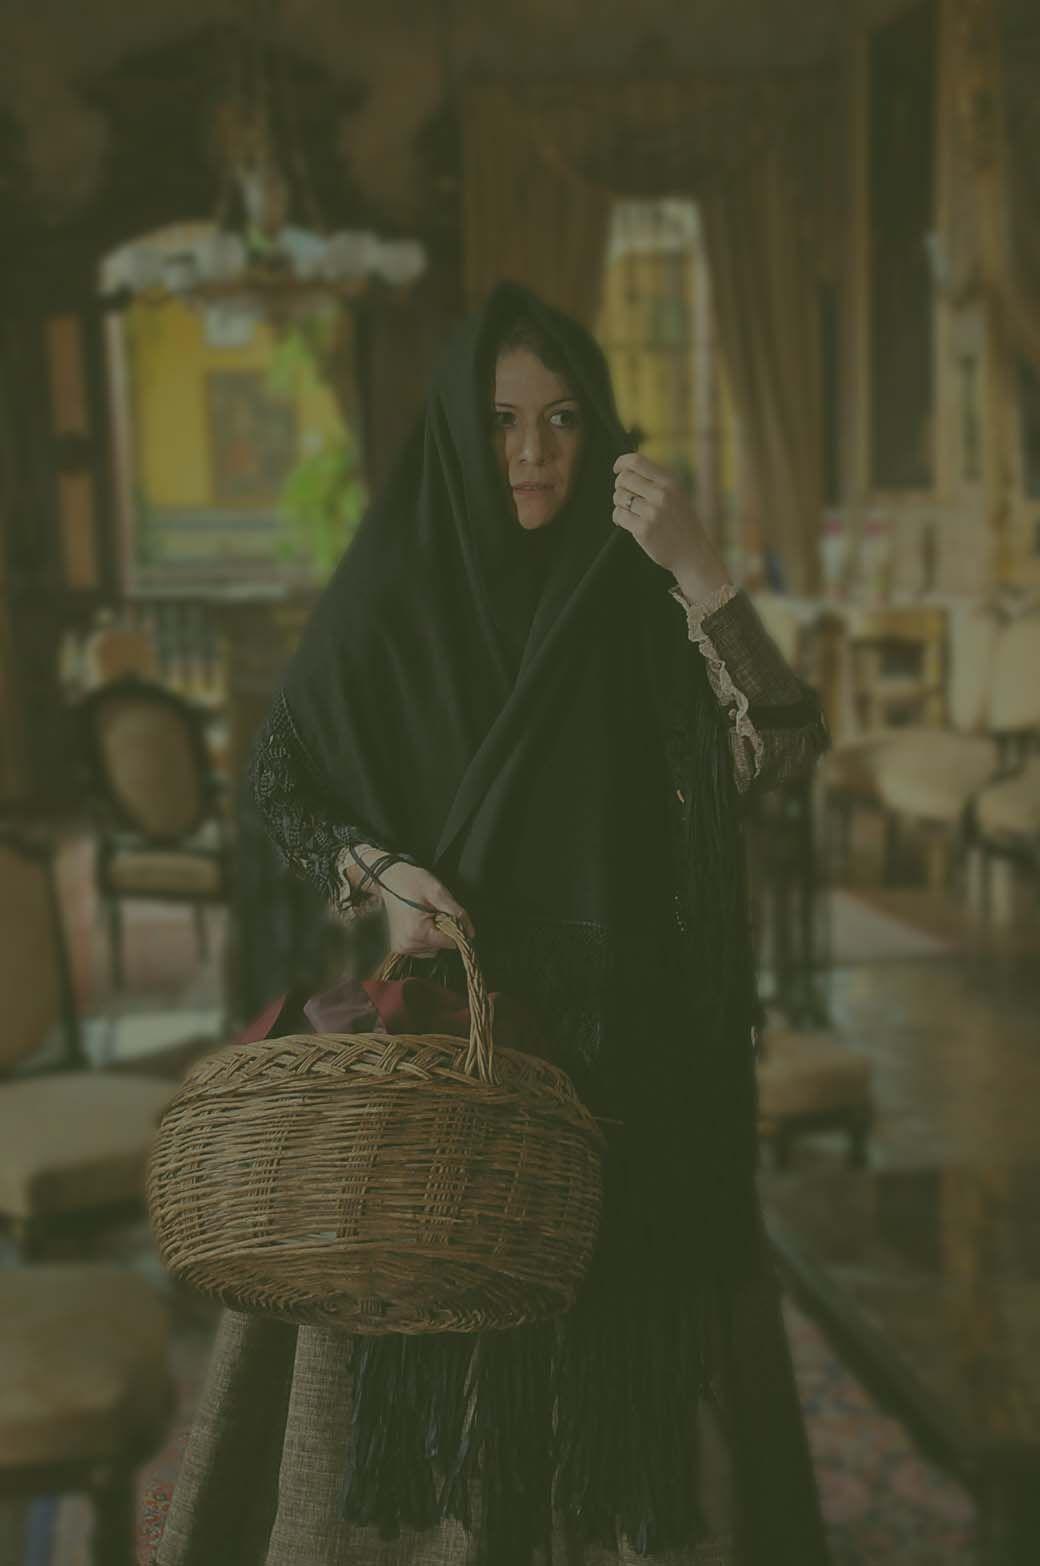 Tapada limeña sostiene cesta de mimbre